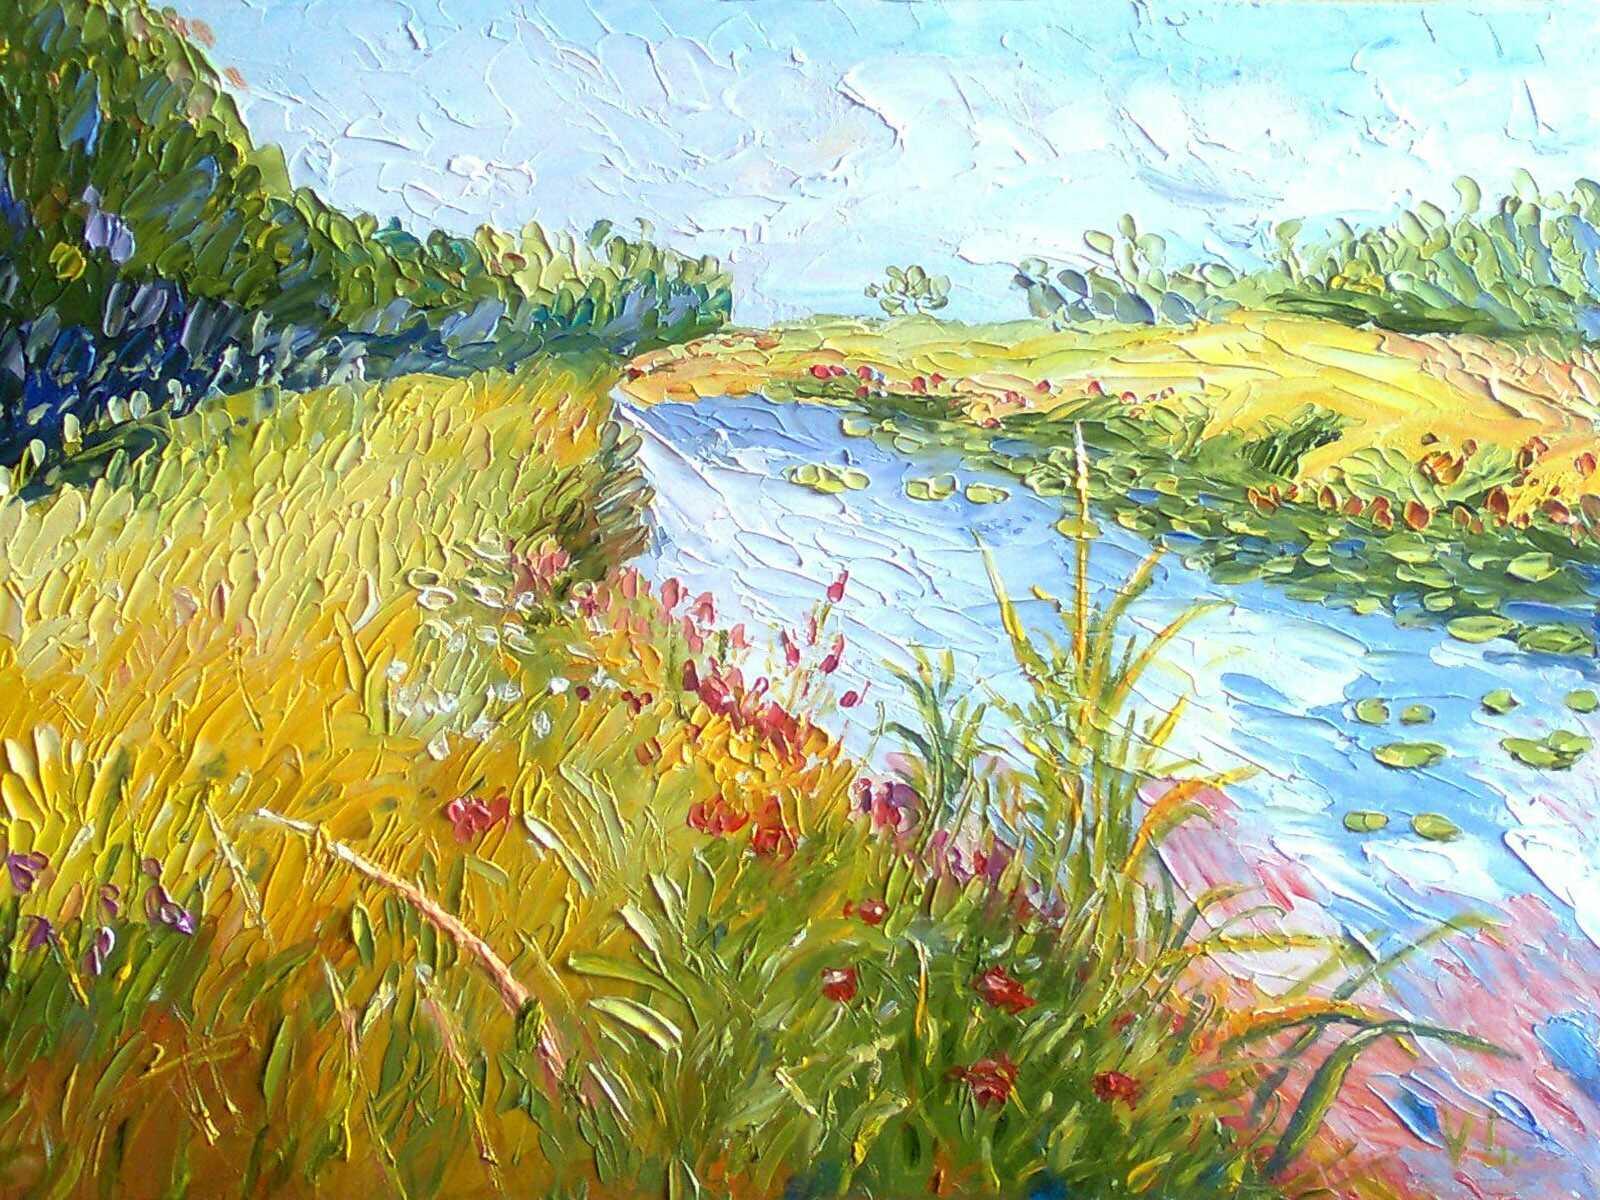 картина маслом берег реки с травами лесом и цветами